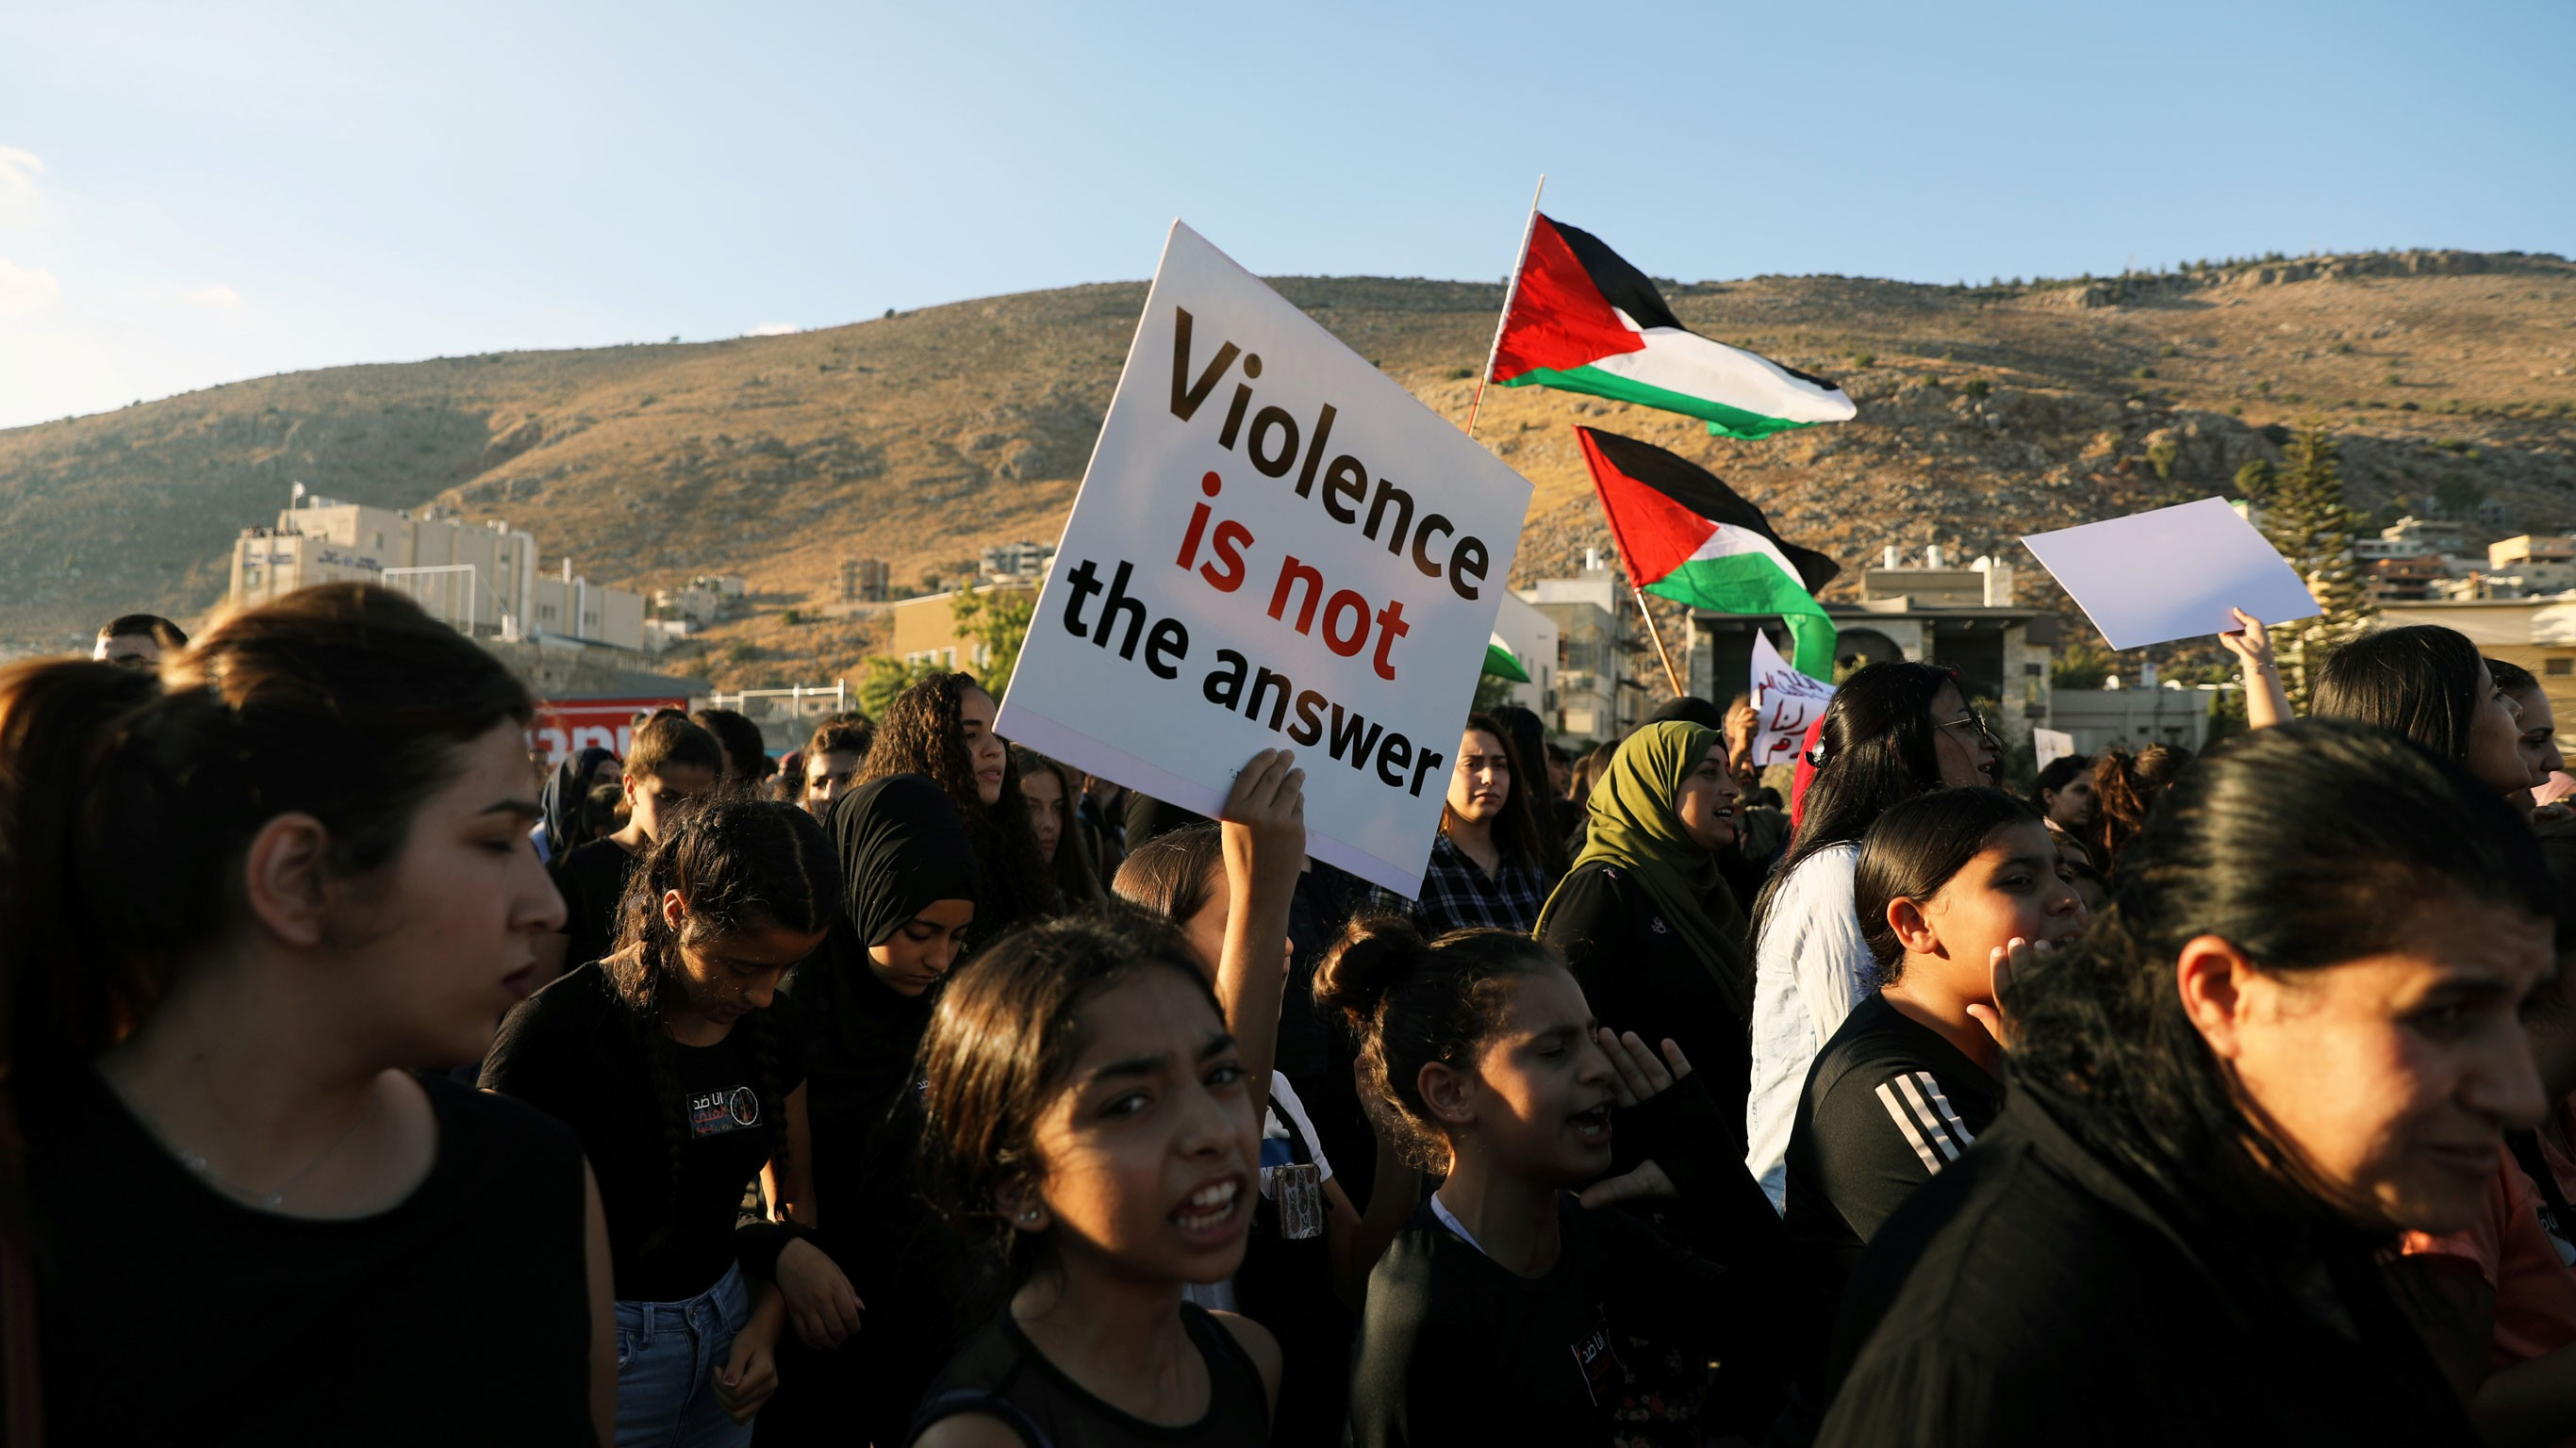 من مظاهرة مجد الكروم المناهضة للعنف والجريمة وتواطؤ الشرطة (رويترز)